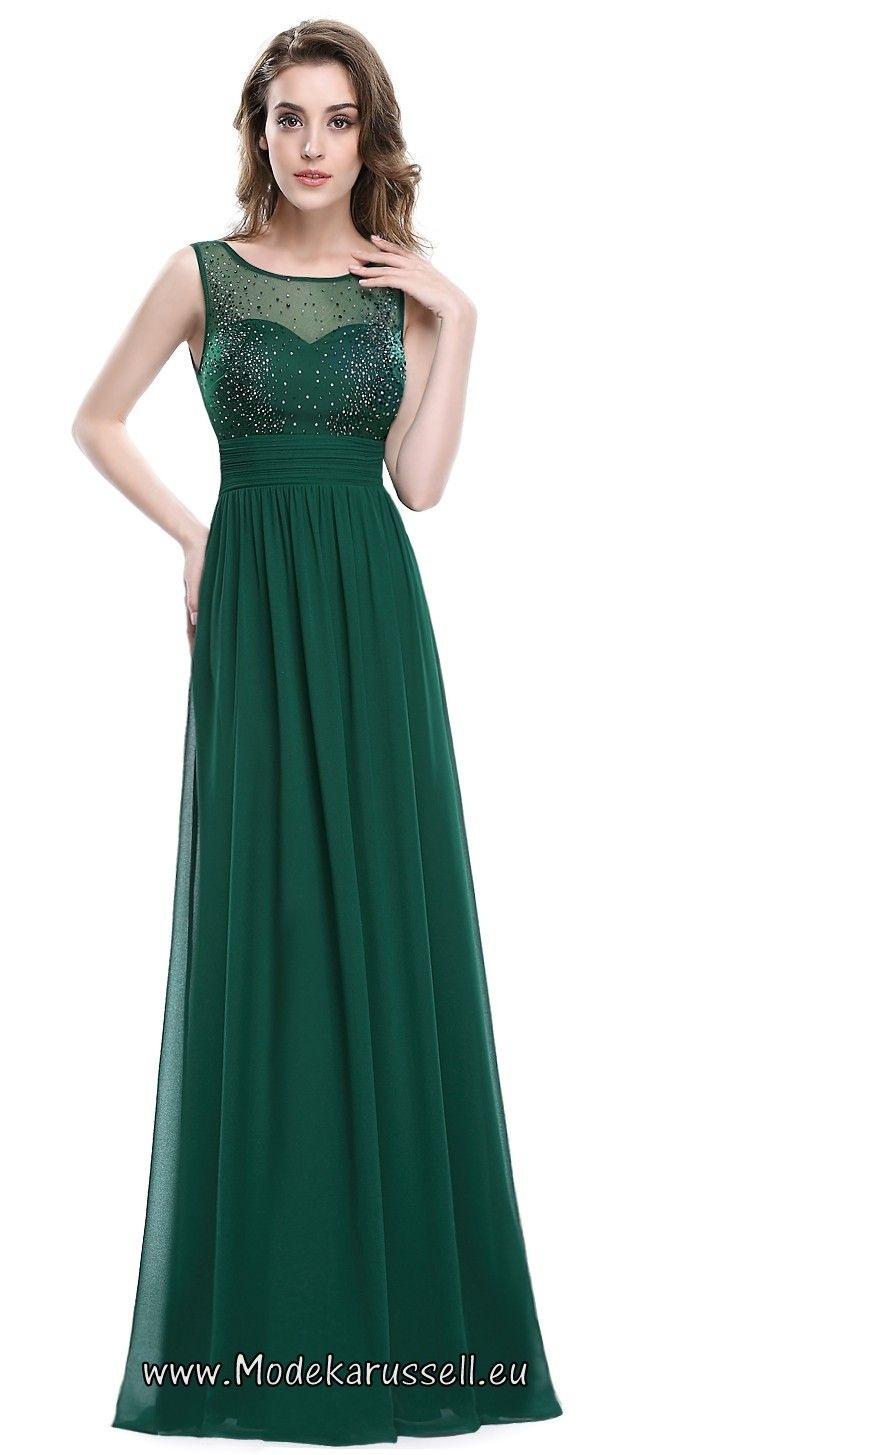 17 Wunderbar Grünes Abendkleid Stylish10 Ausgezeichnet Grünes Abendkleid Bester Preis